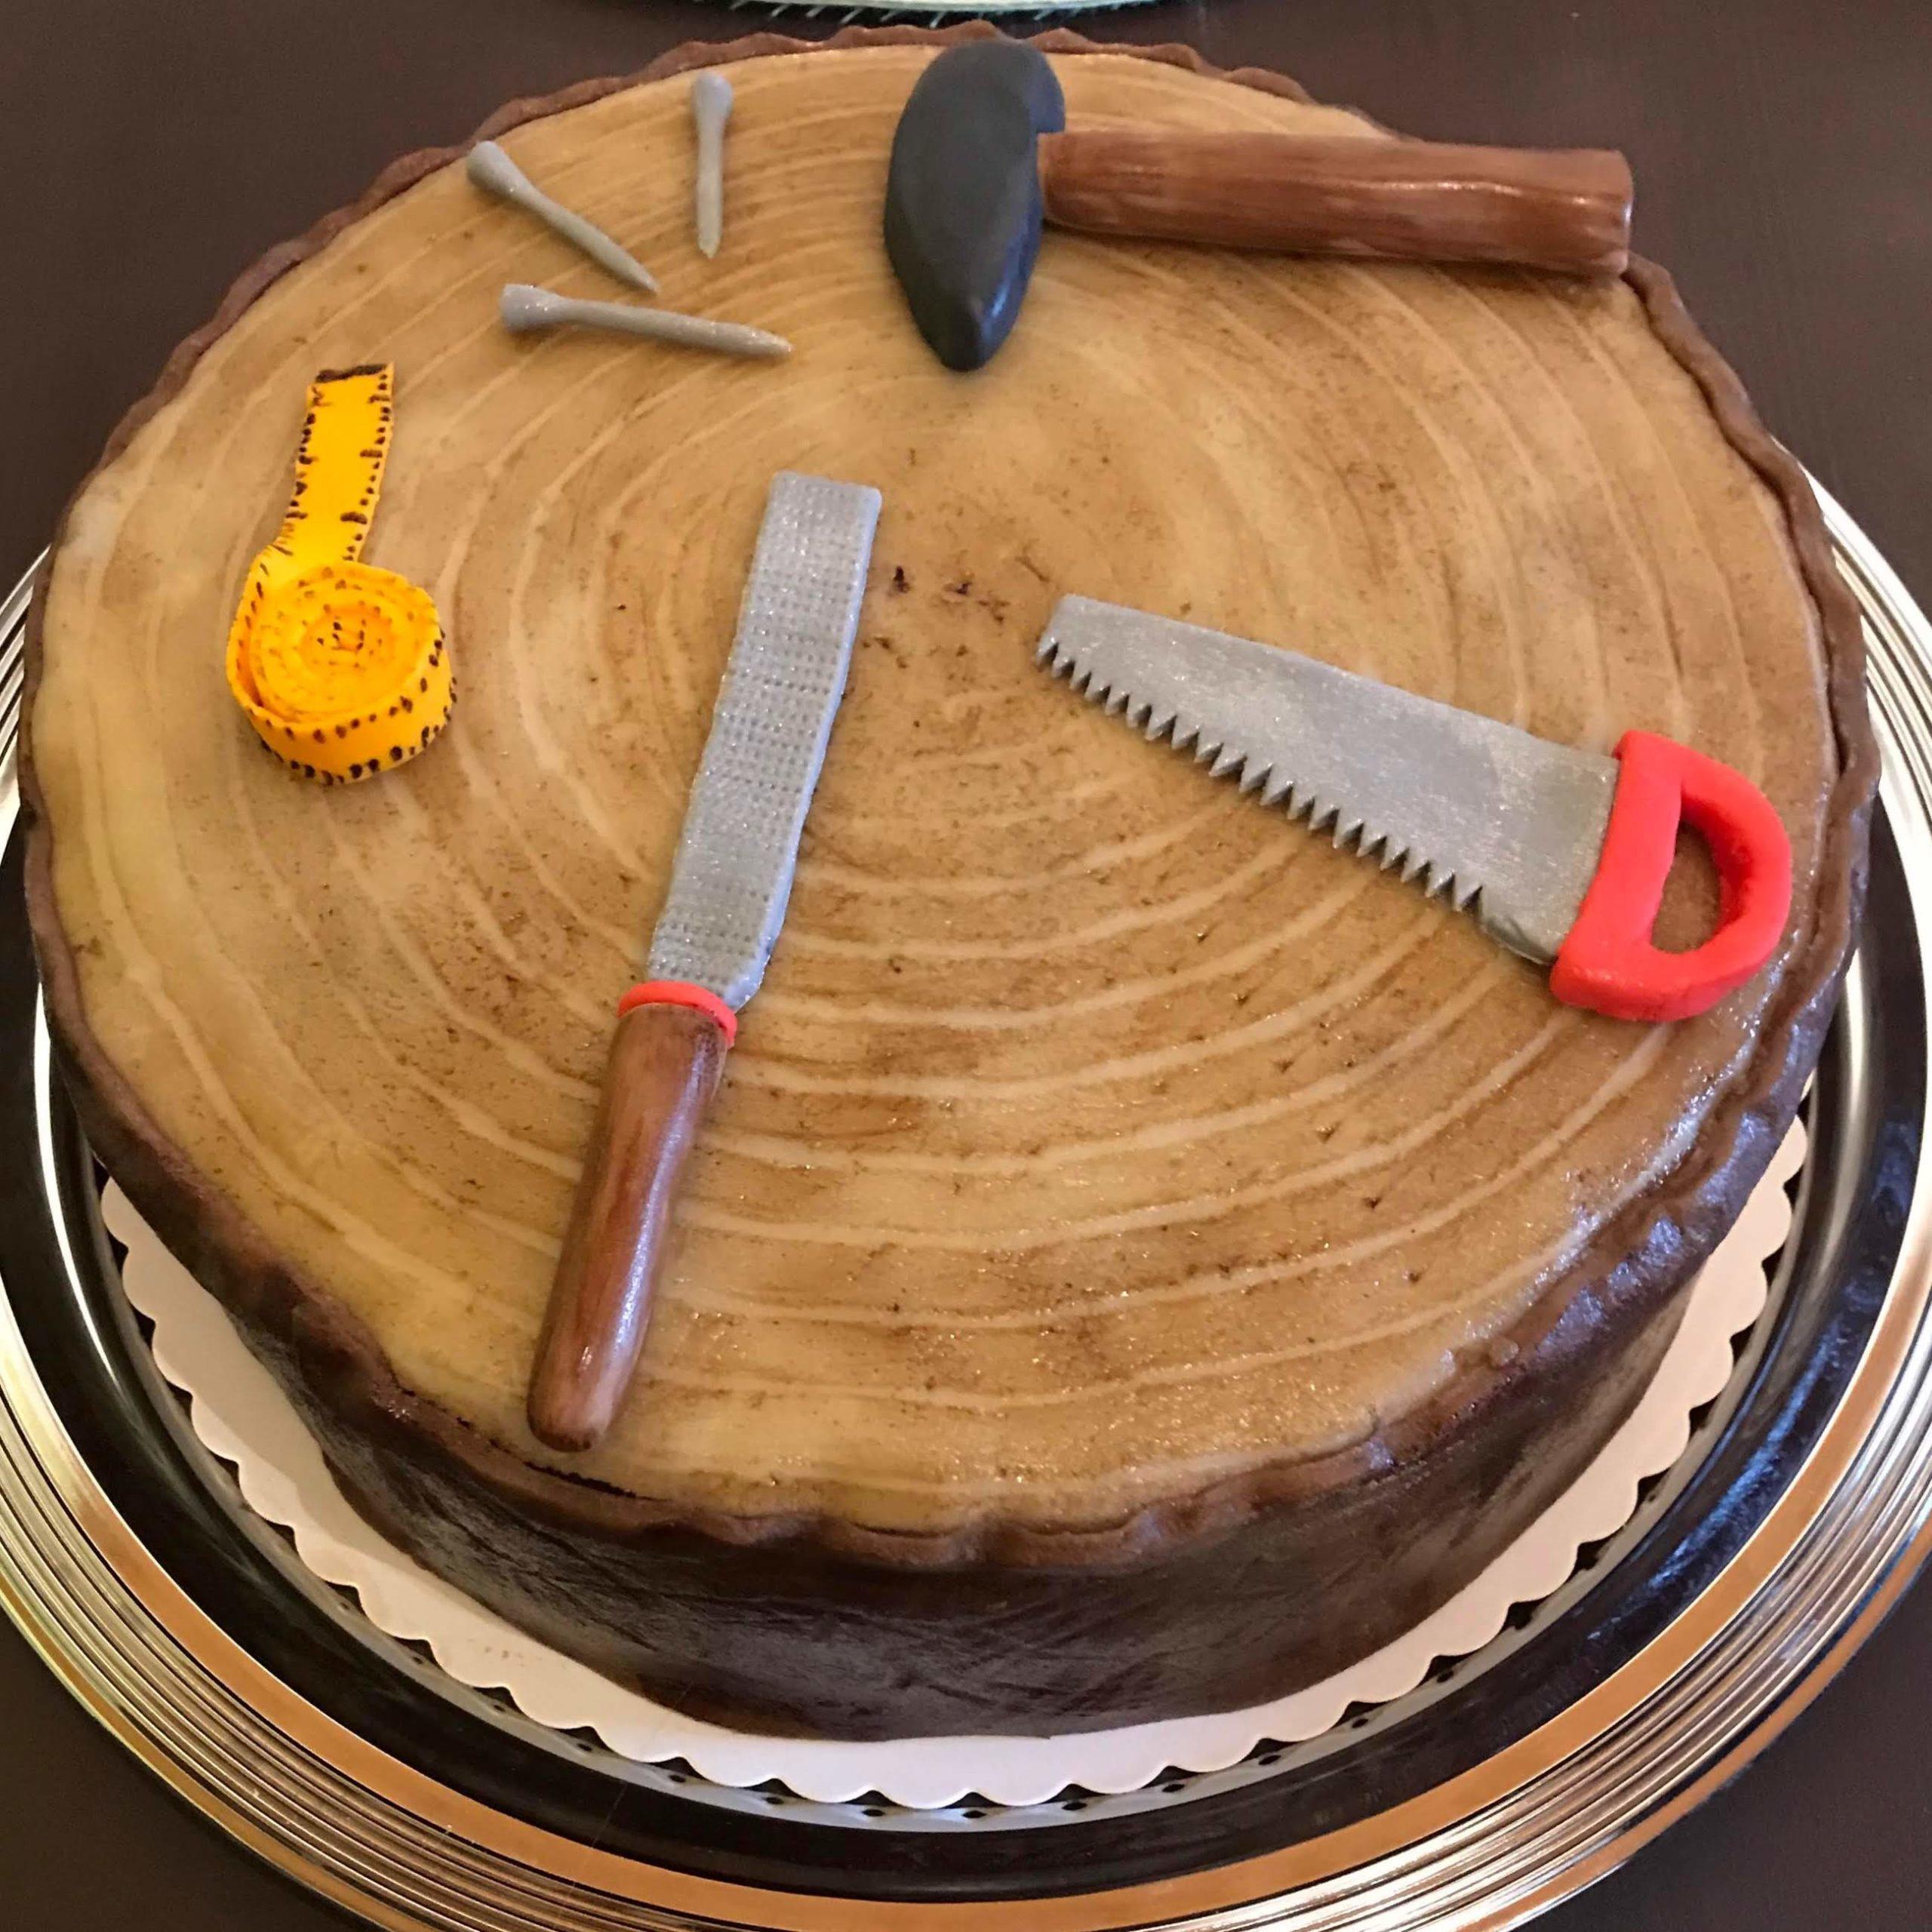 Tischler Torte